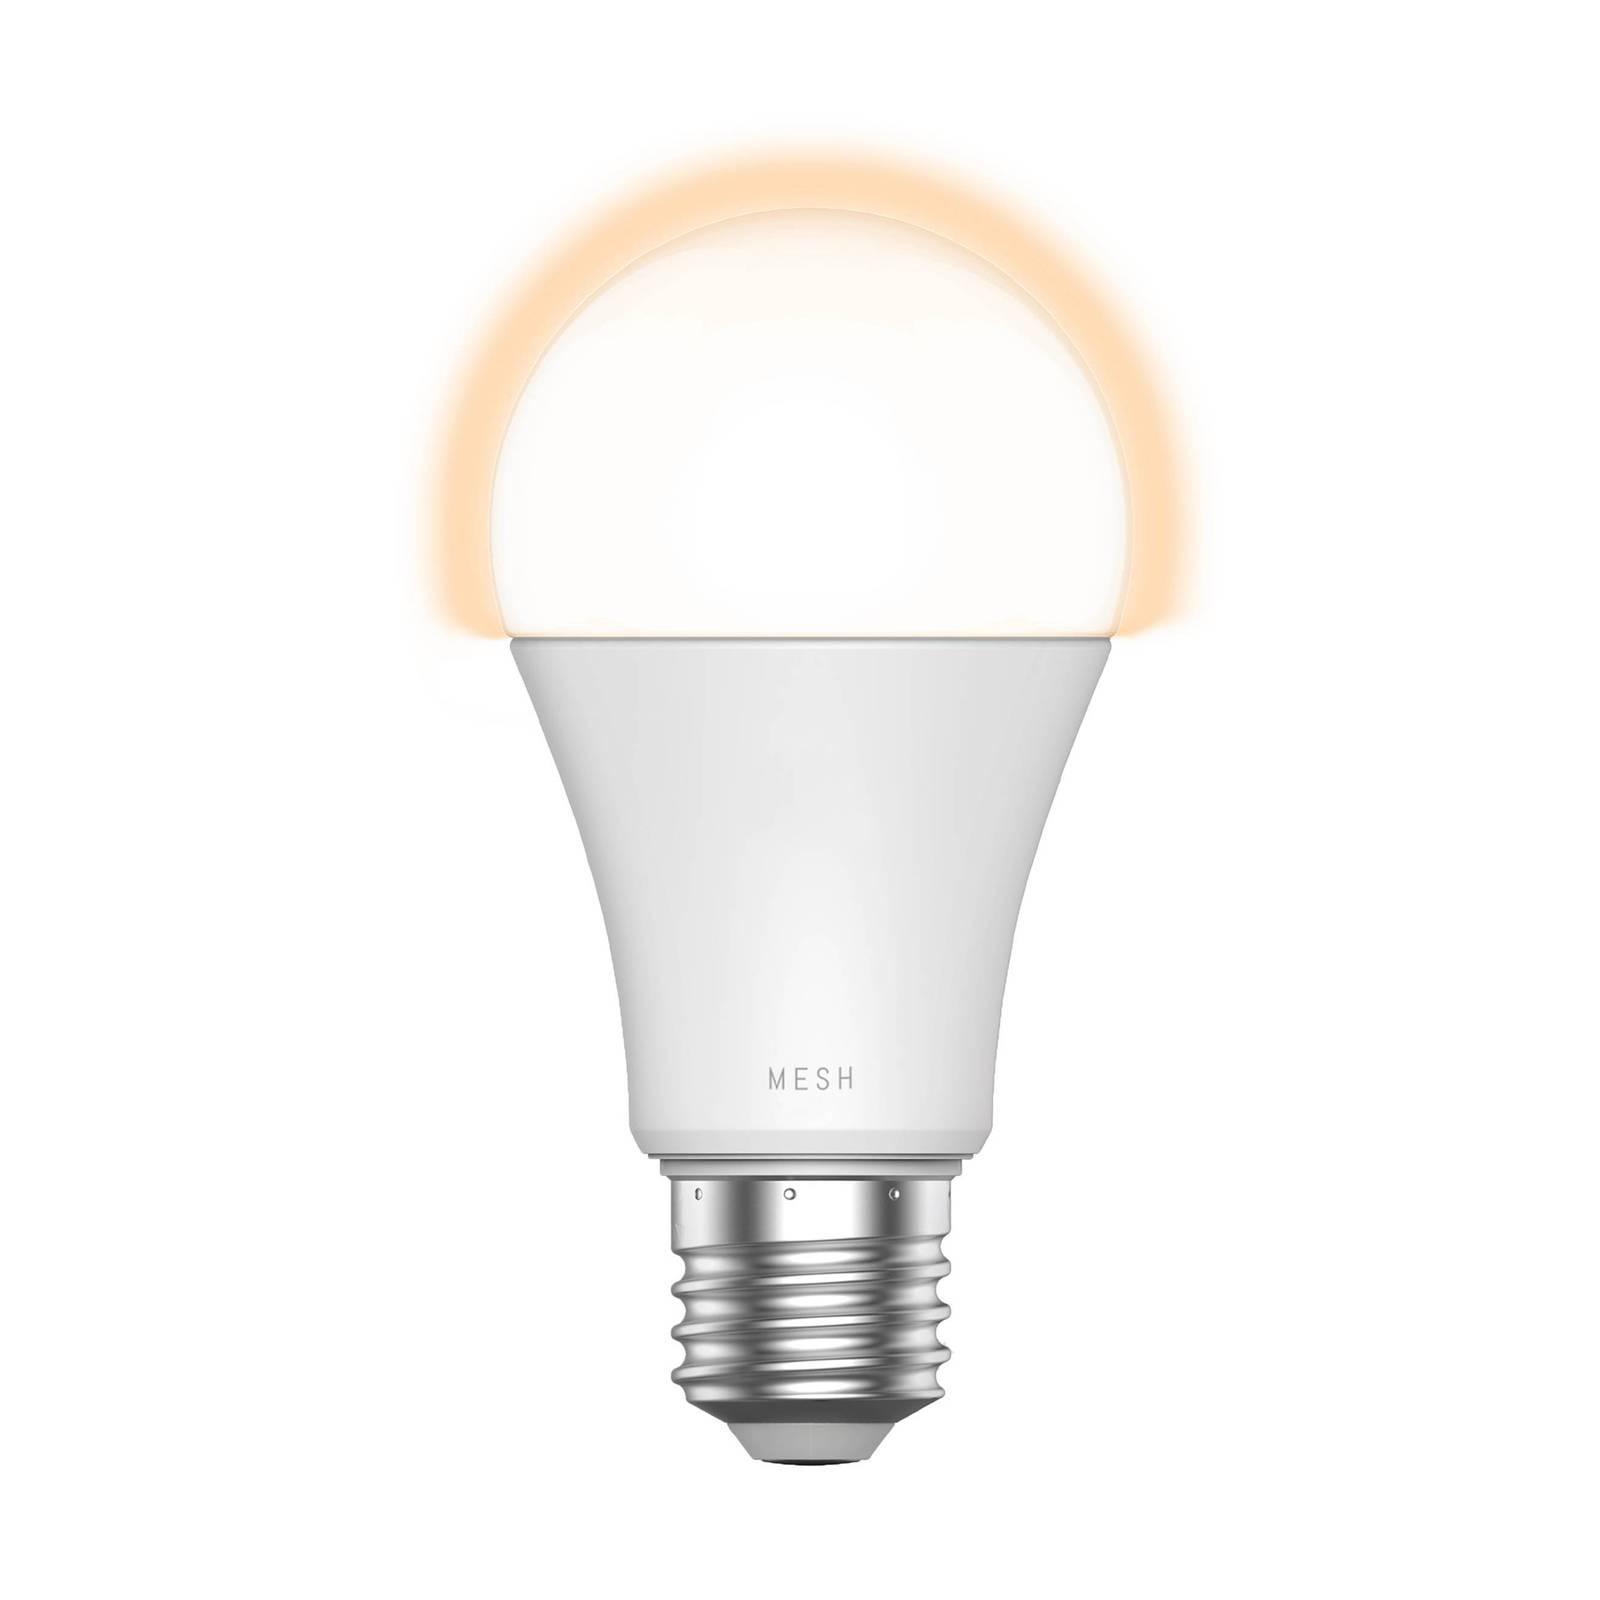 EGLO connect E27 9W LED lämmin valkoinen